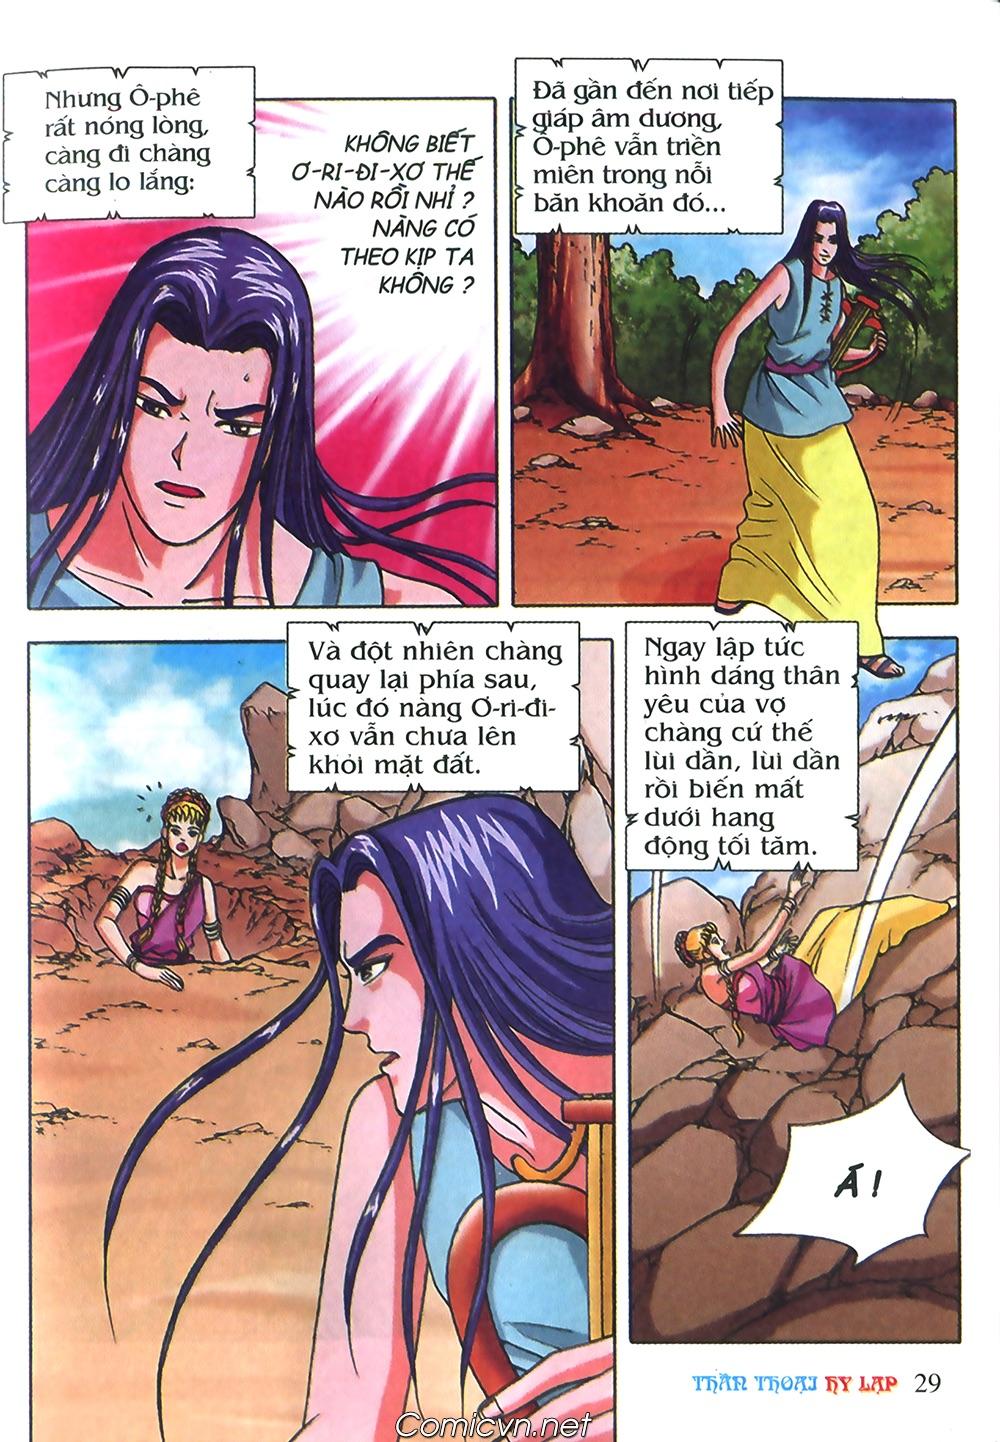 Thần Thoại Hy Lạp Màu - Chapter 40: Chuyện tình buồn của chàng Ô phê - Pic 29